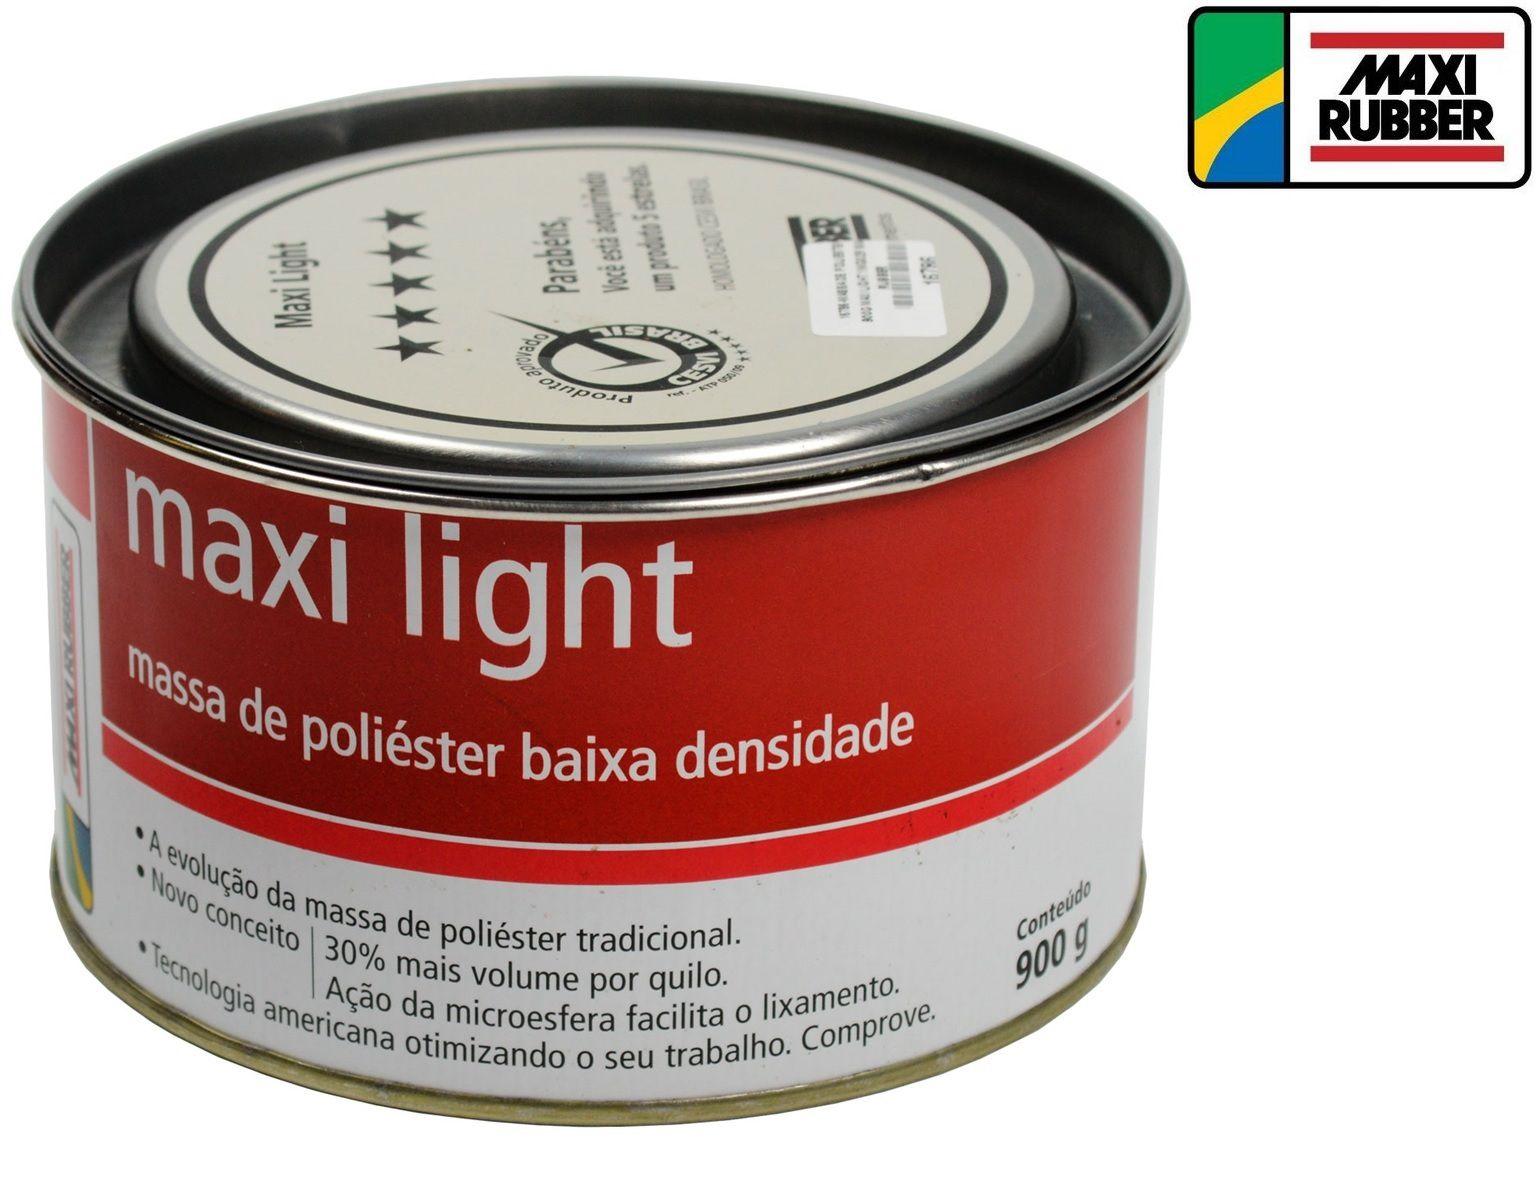 Massa De Poliester Light 900 Grs Maxi Rubber 1mg025